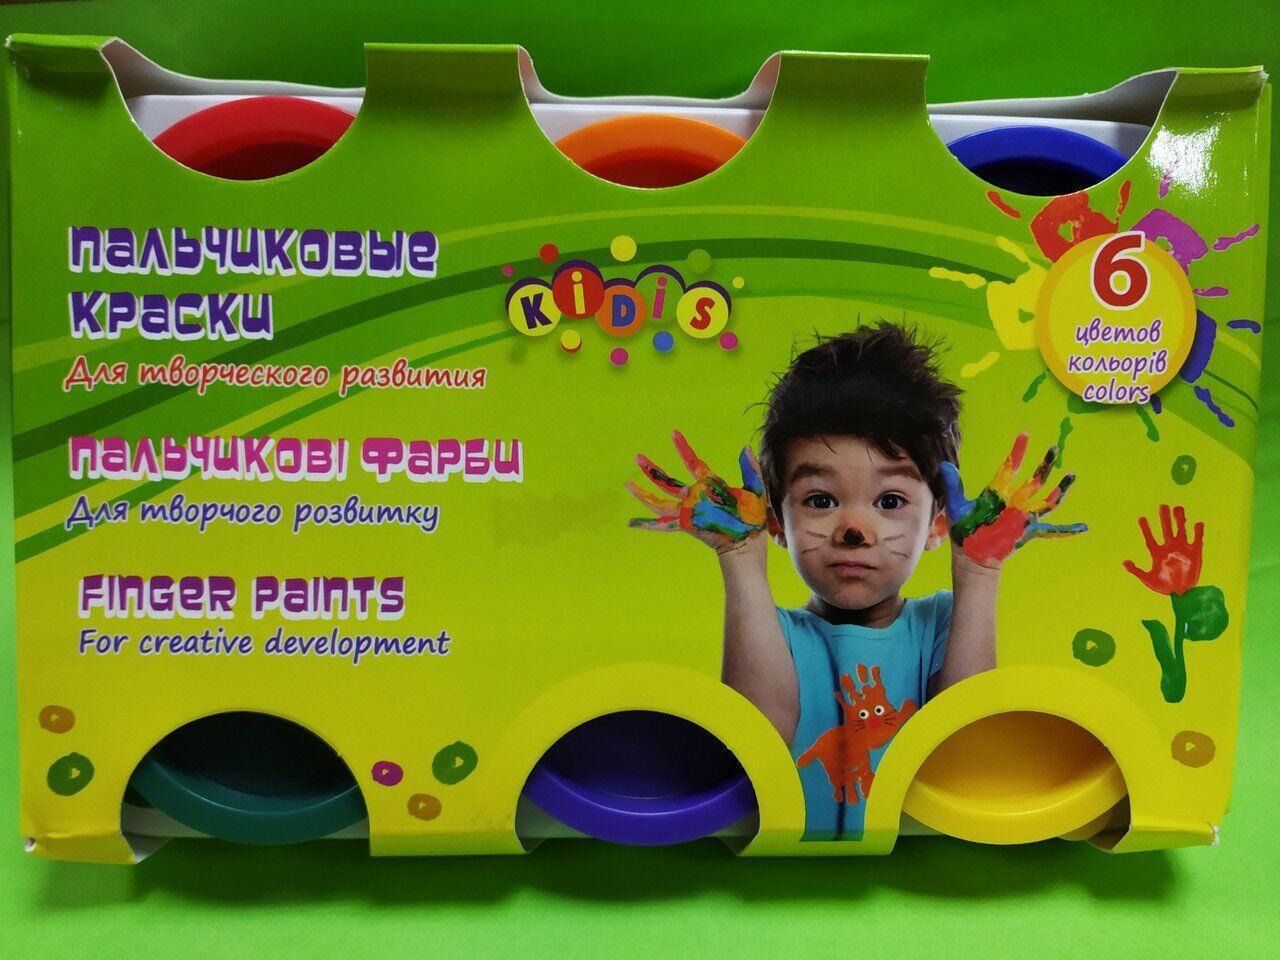 Краски пальчиковые Kidis 8868